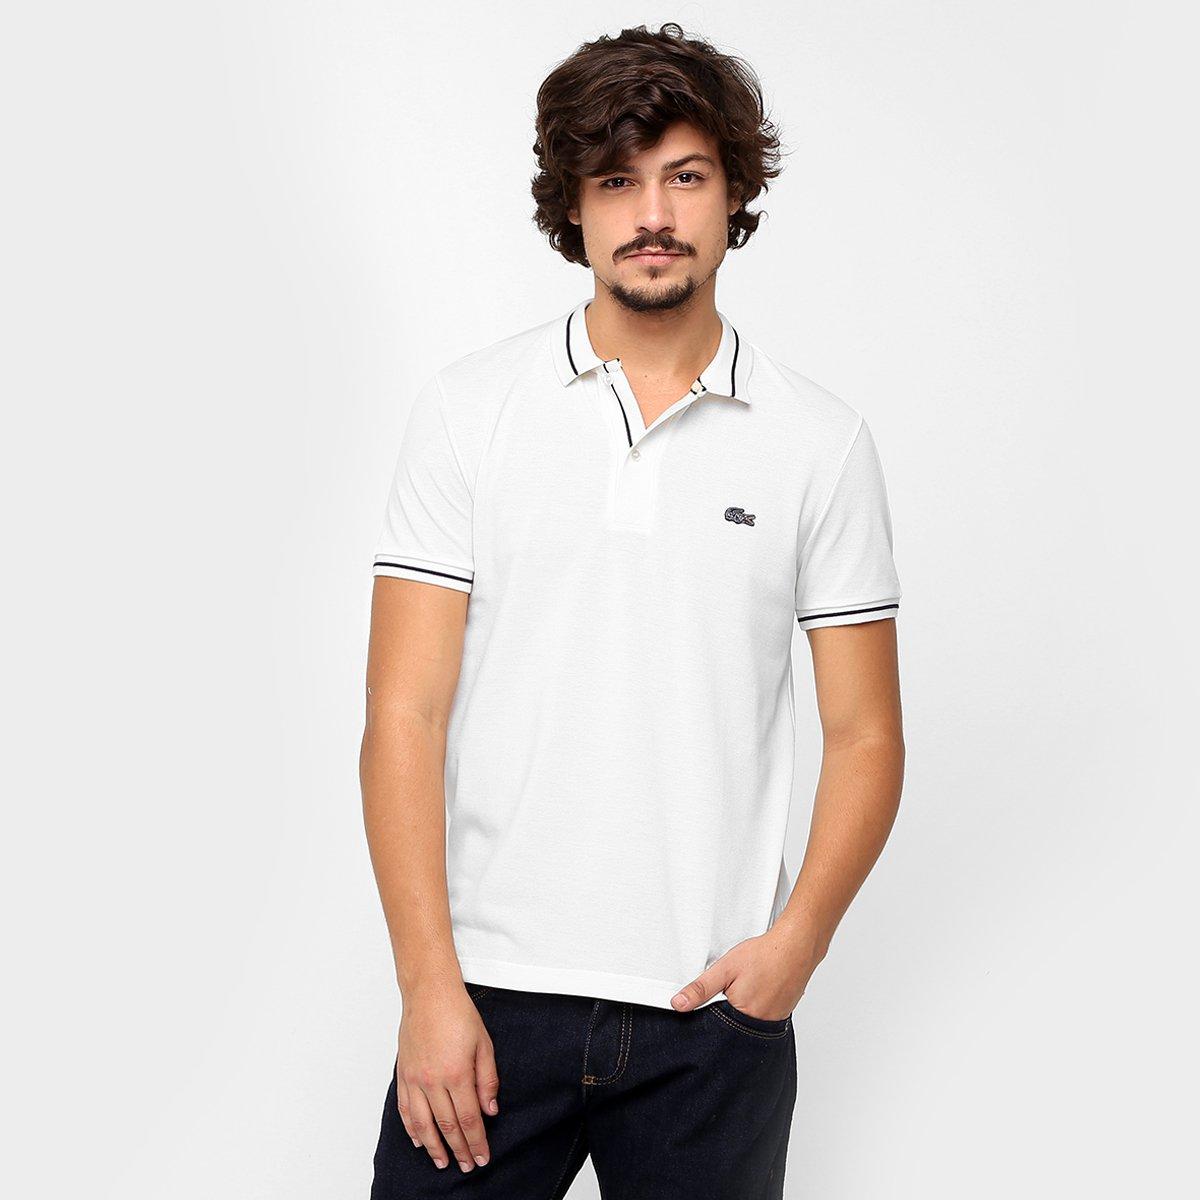 8588363ba1 Camisa Polo Lacoste Piquet Regular Fit - Compre Agora